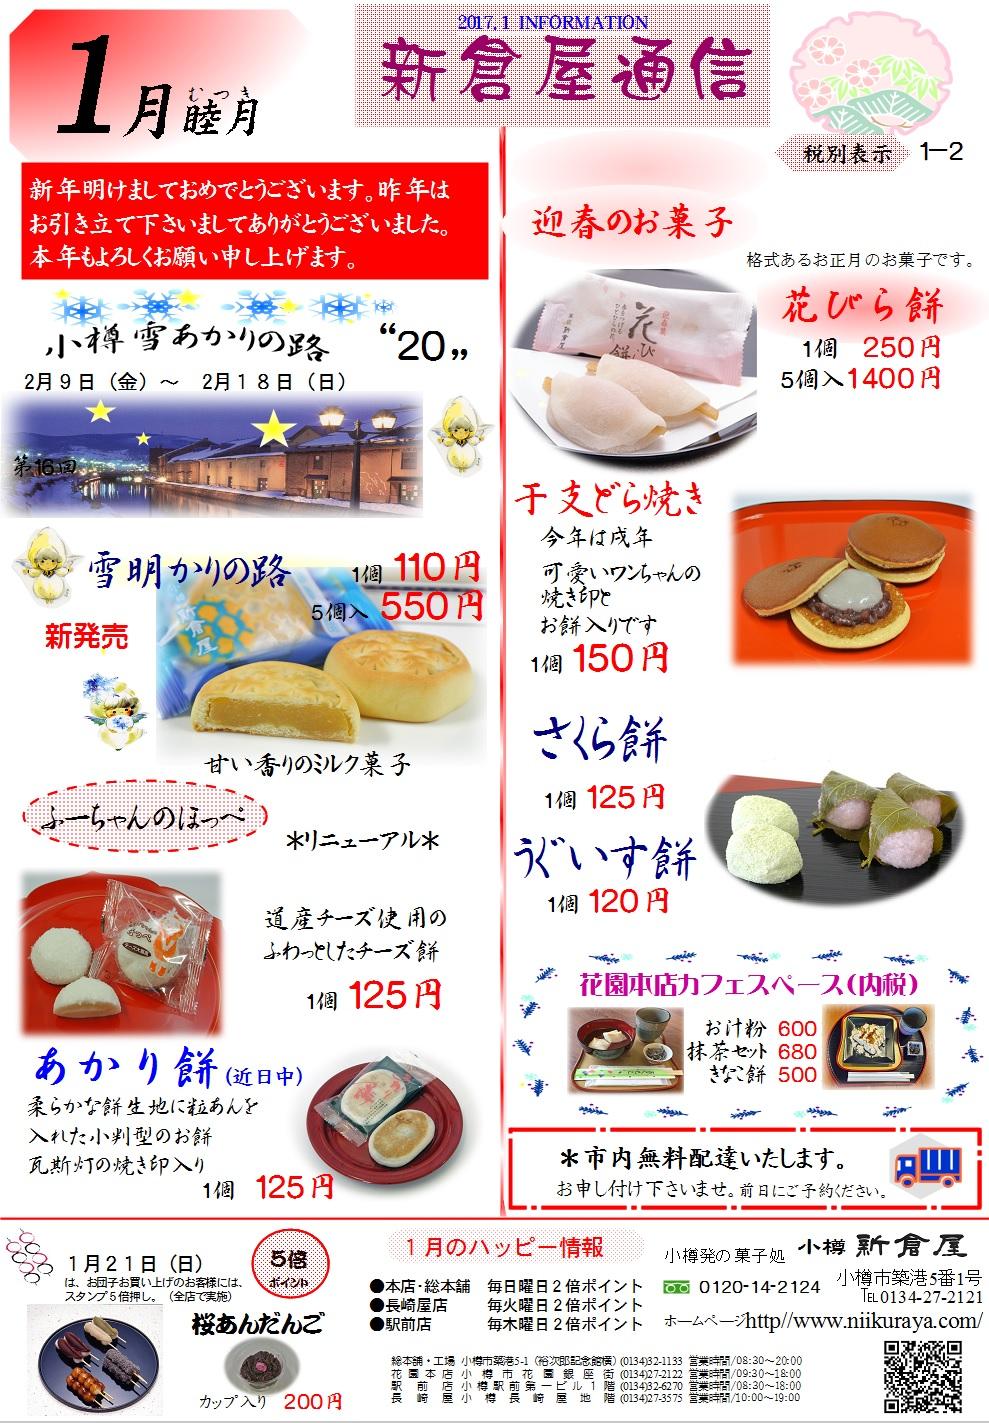 小樽新倉屋通信2018年1月2号